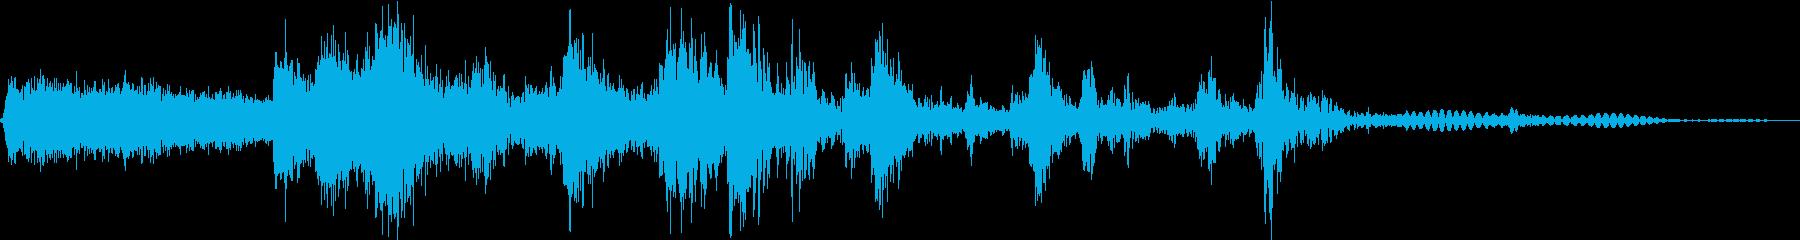 オートスキッド、クラッシュ、ロールを数回の再生済みの波形